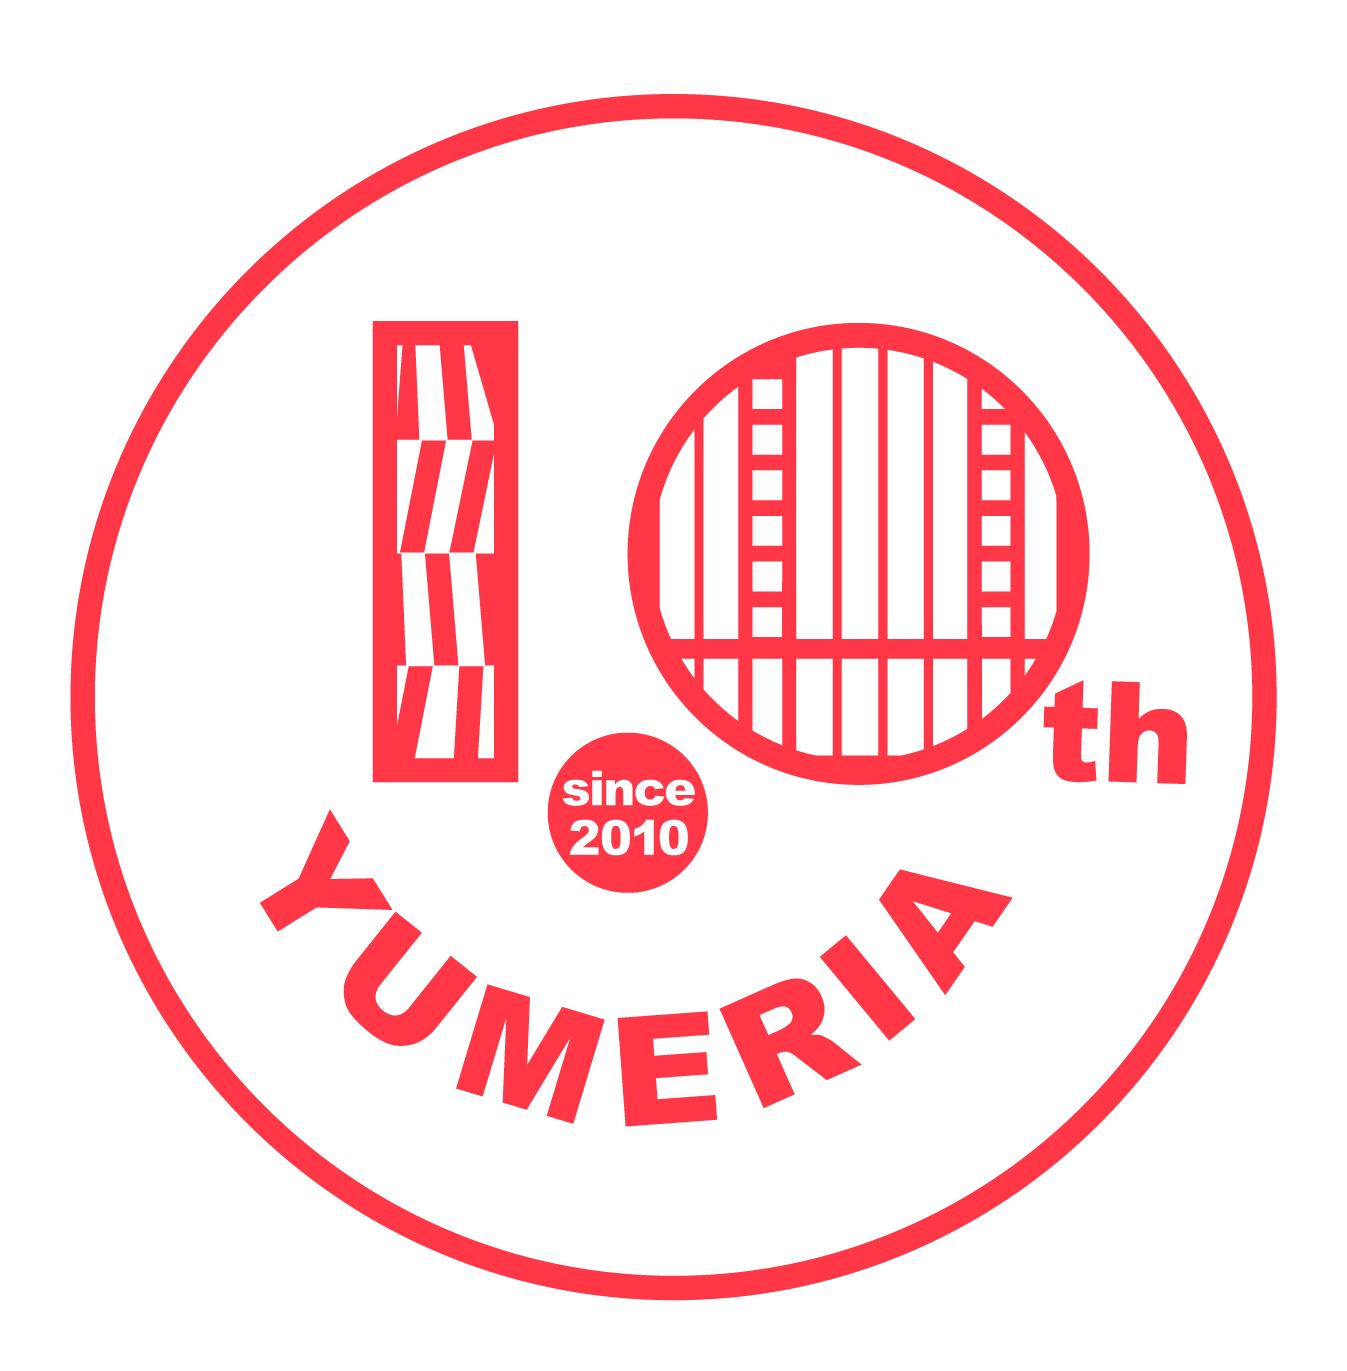 ユメリア徳重10周年ロゴ